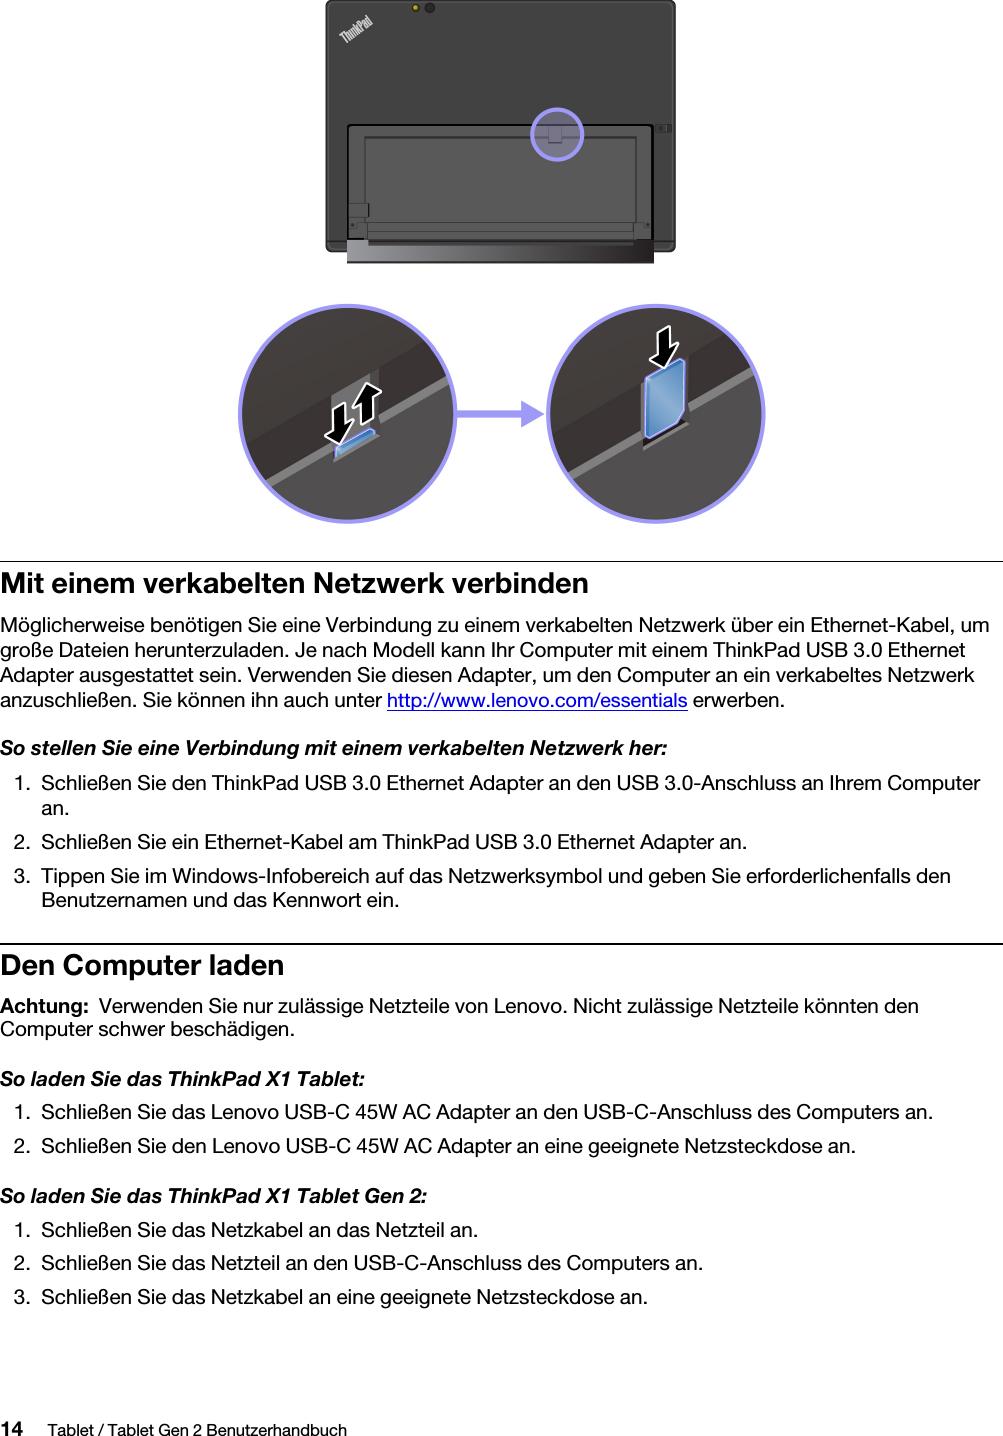 Fantastisch Verkabeltes Netzwerk Symbol Ideen - Der Schaltplan ...